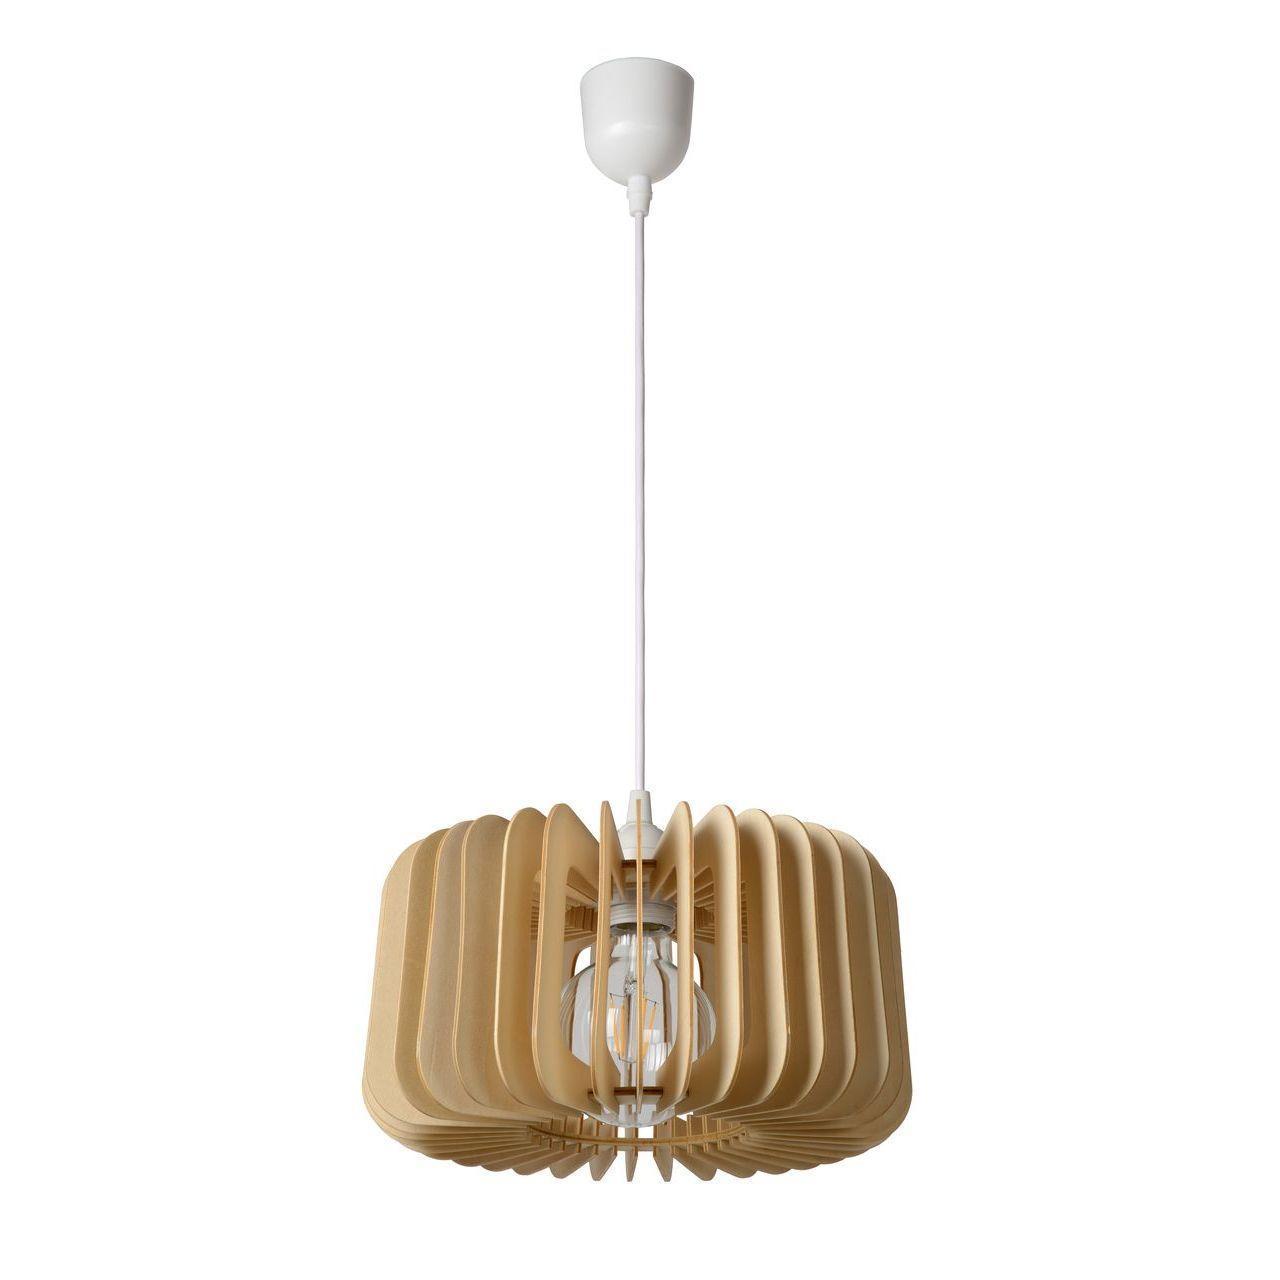 Подвесной светильник Lucide Etta 46406/29/76 lucide подвесной светильник lucide bounde 34425 35 76